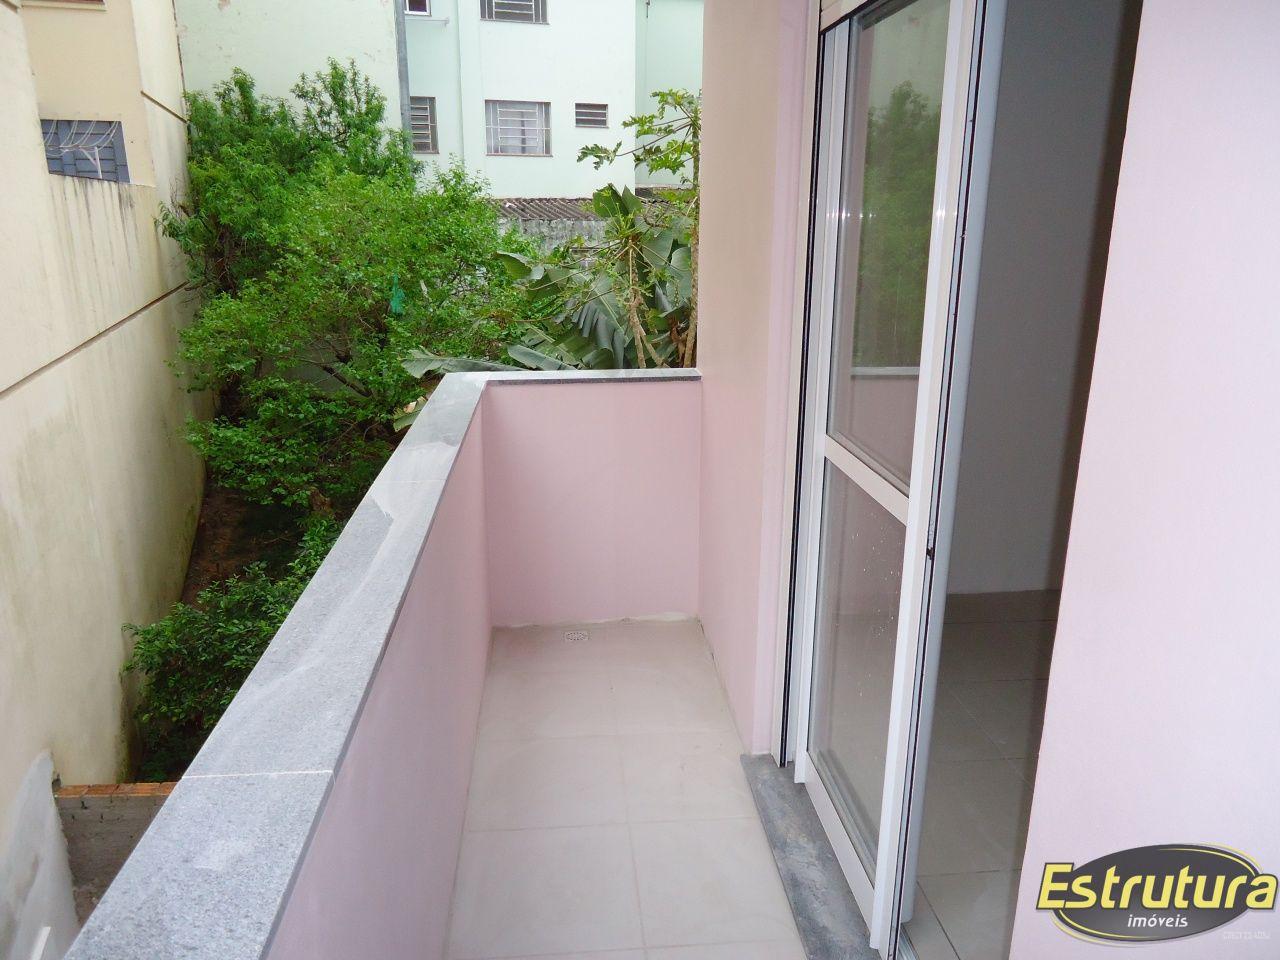 Apartamento com 2 Dormitórios à venda, 57 m² por R$ 250.000,00